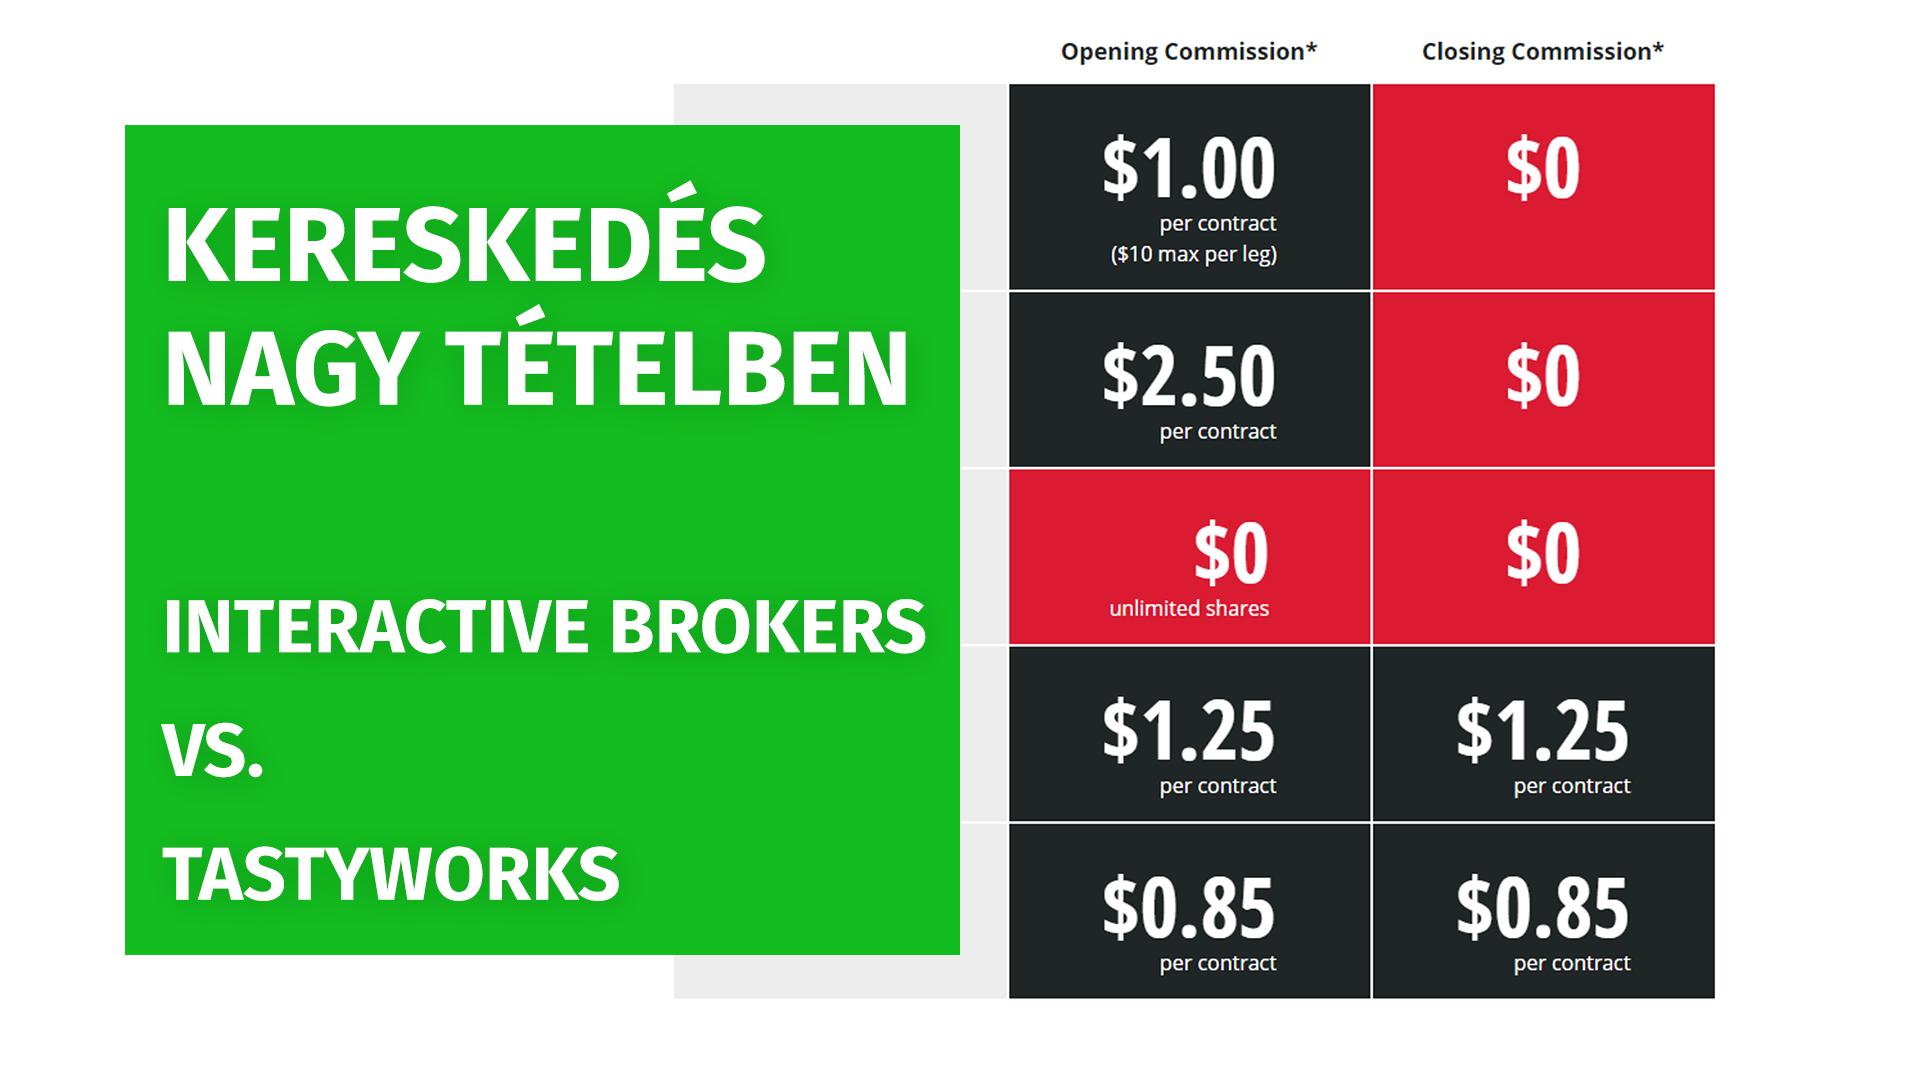 Kereskedés nagy tételben: IB vs. Tastyworks - Opciós Tőzsdei Kereskedés